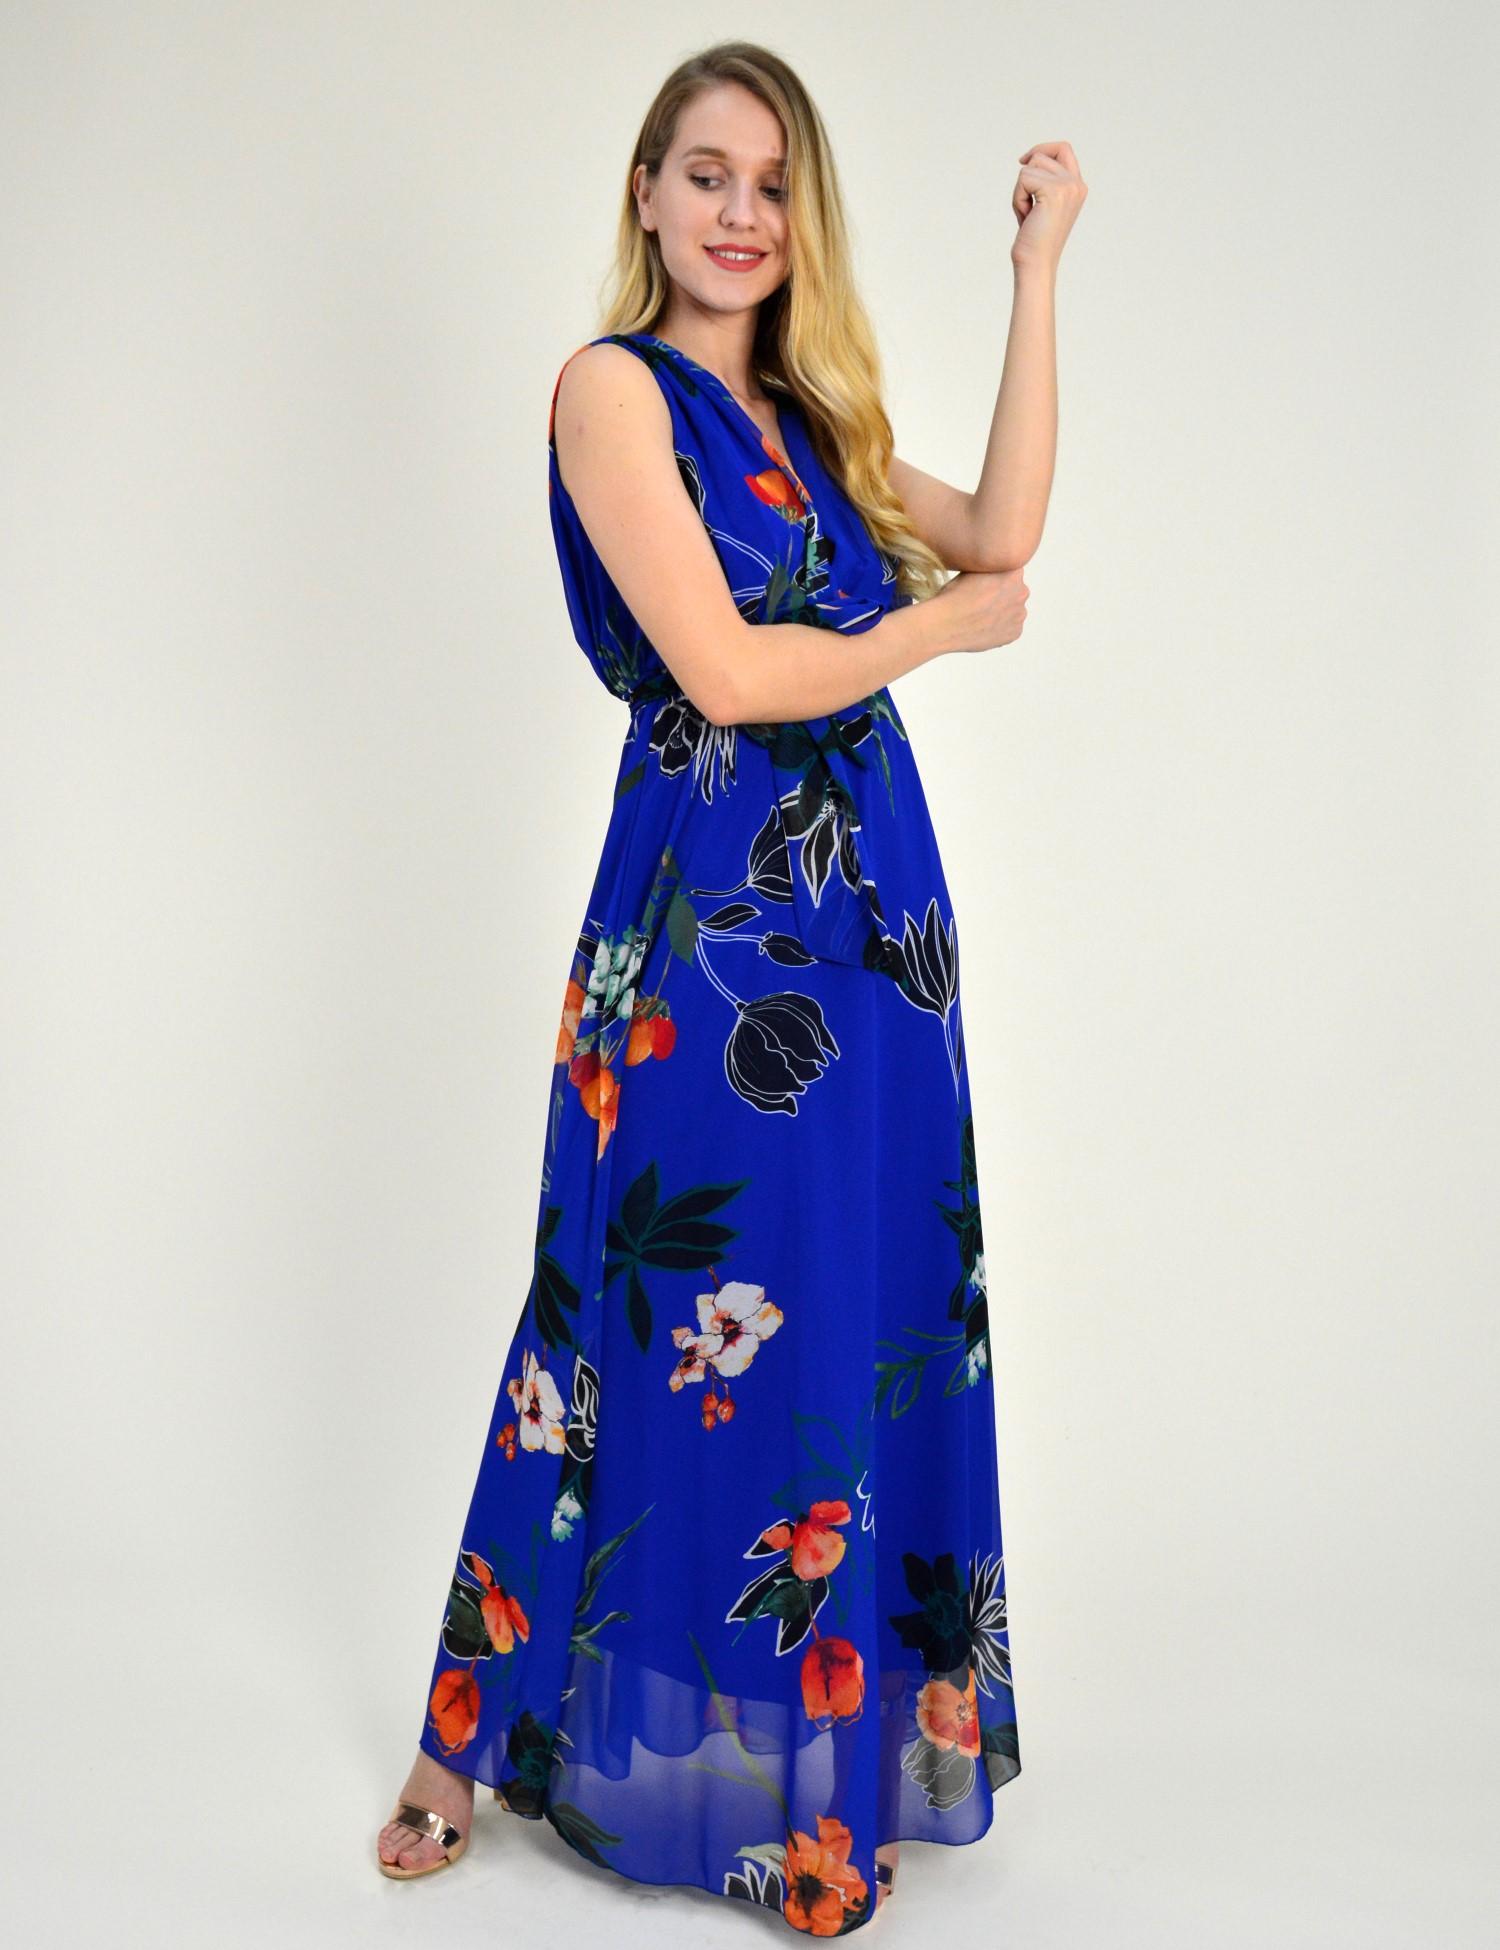 a7a00716a765 Γυναικείο μάξι φόρεμα εμπριμέ μπλε άνοιγμα στήθος πλατη 8214318F